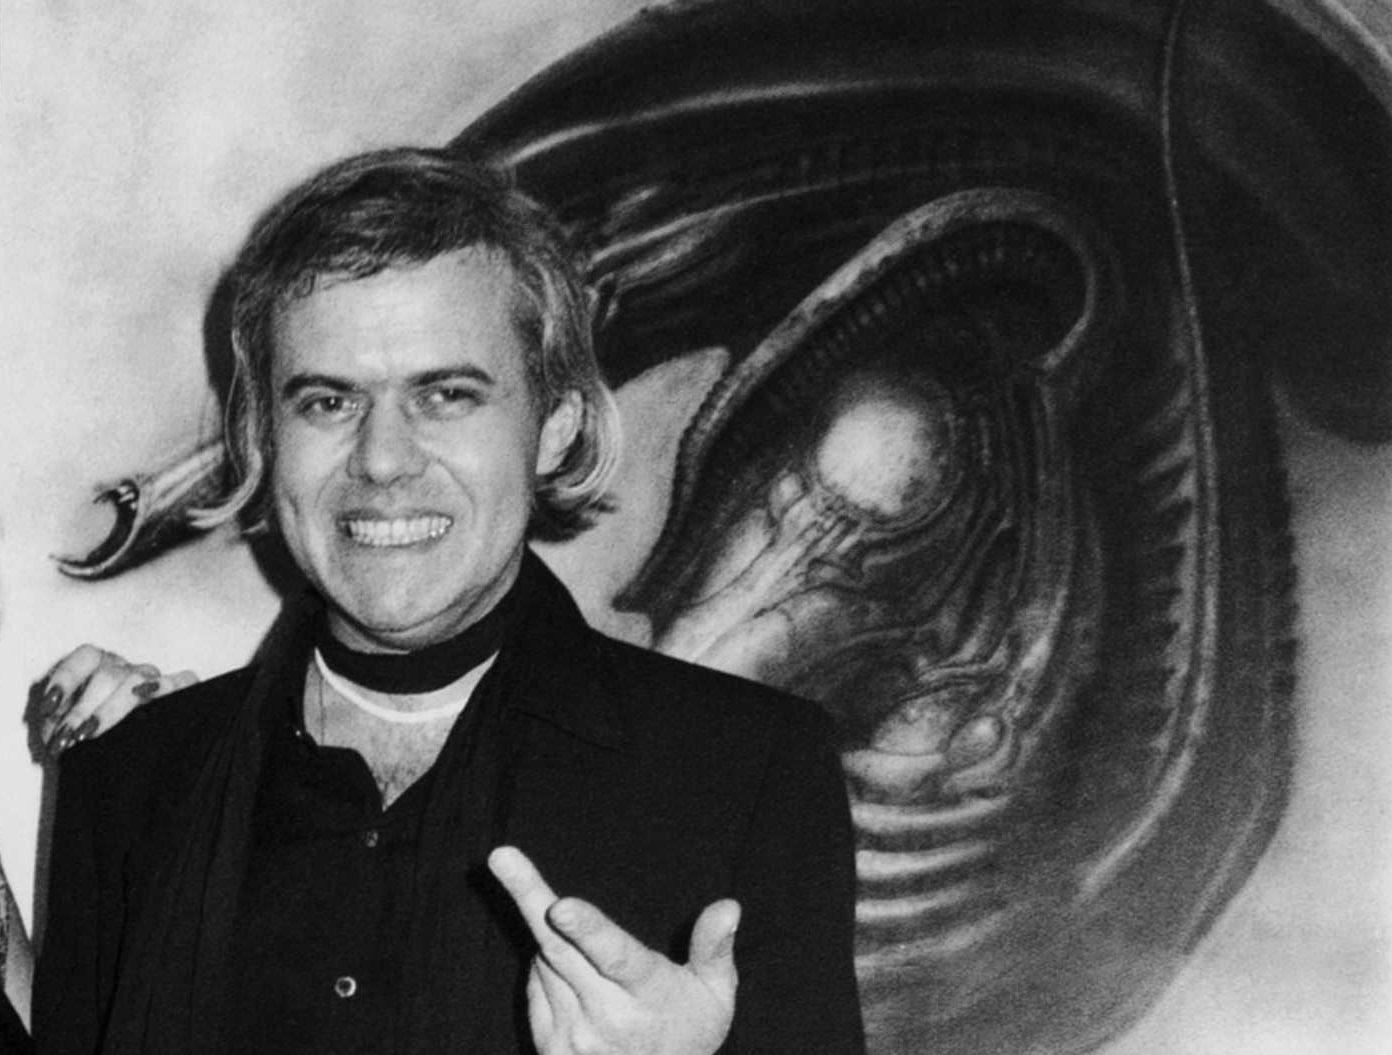 У Довженко - Центрі відкривається виставка Г.Р. Ґіґера, присвячена річниці  фільму «Чужий» -  - hr giger dead artist who designed the monster for alien movie dies at 741 e1461677999774